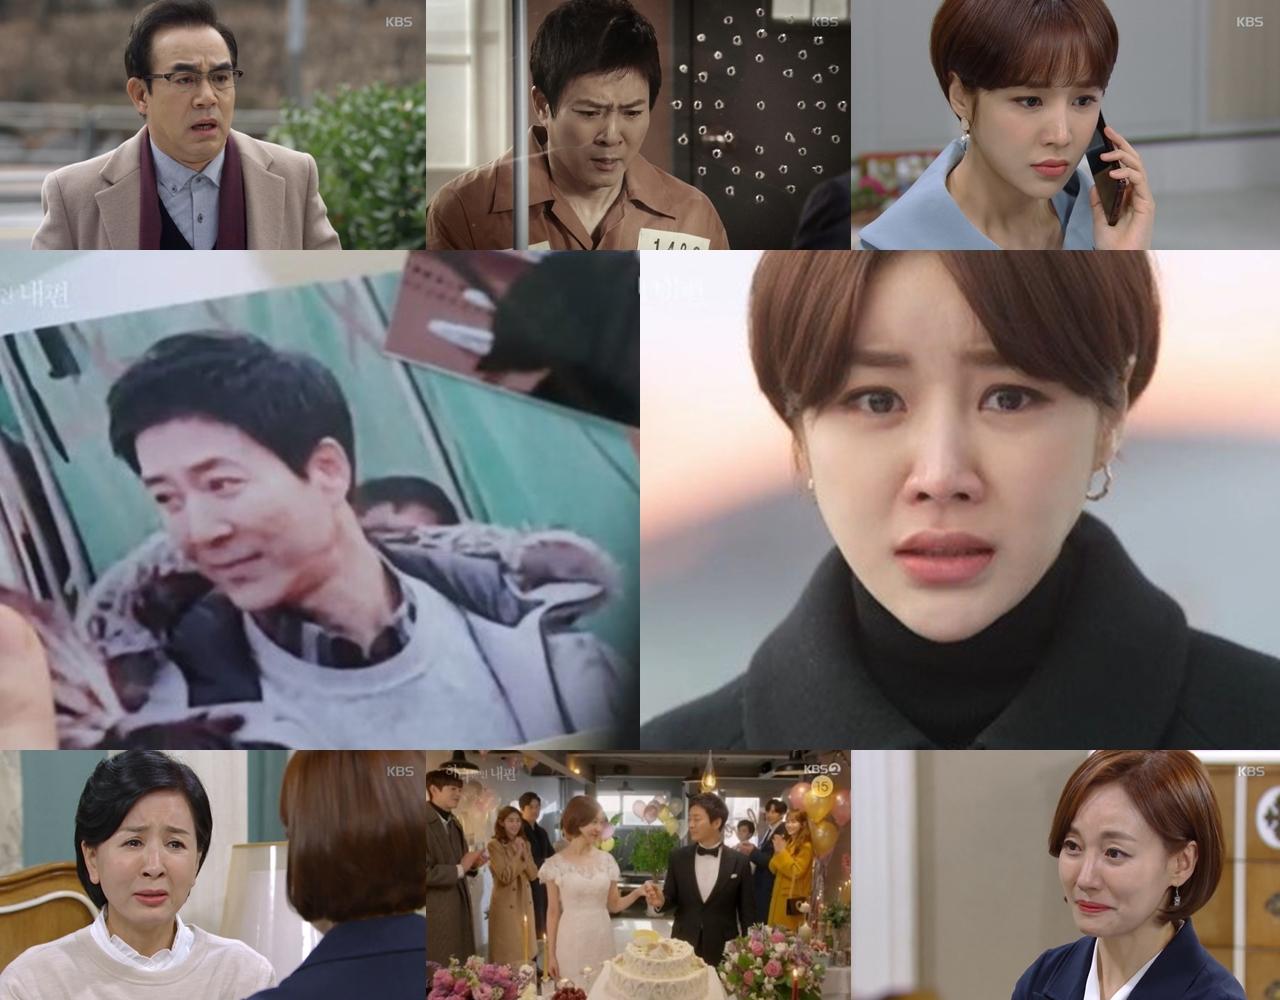 '하나뿐인 내편' 윤진이, 父살인범=최수종 알았다 '파국 예고'